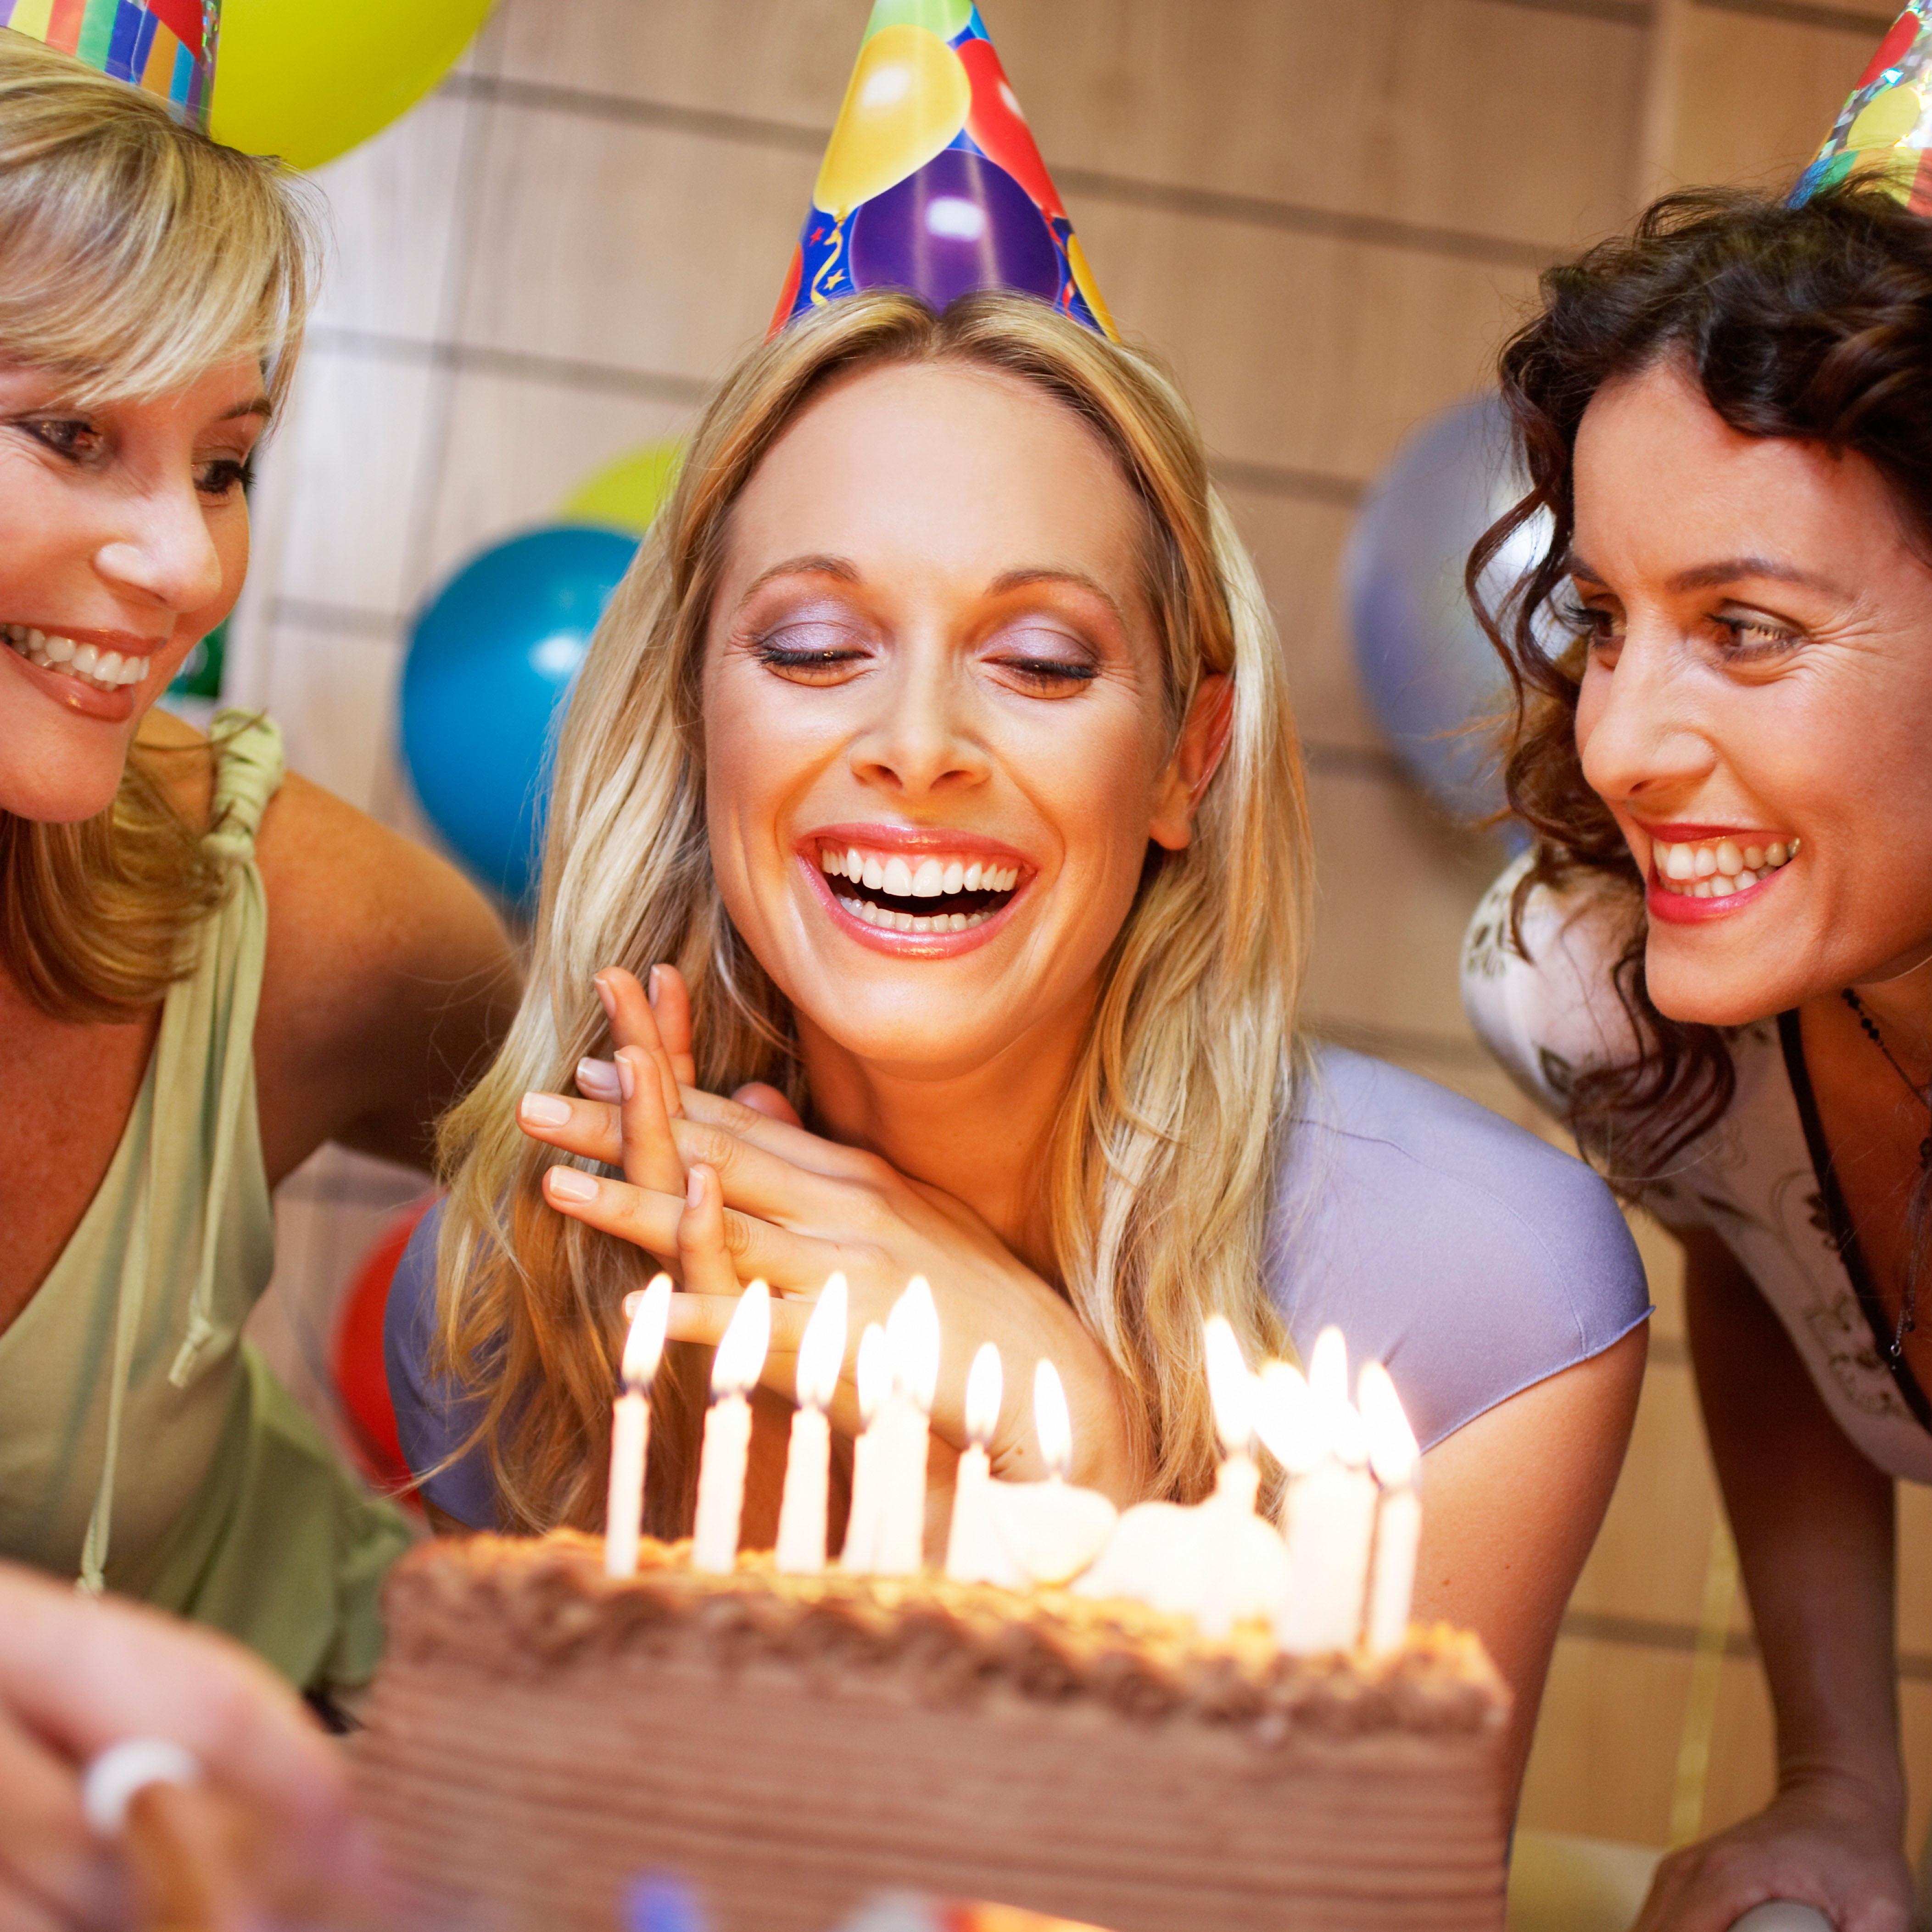 Интересные конкурсы для сестры в день рождение